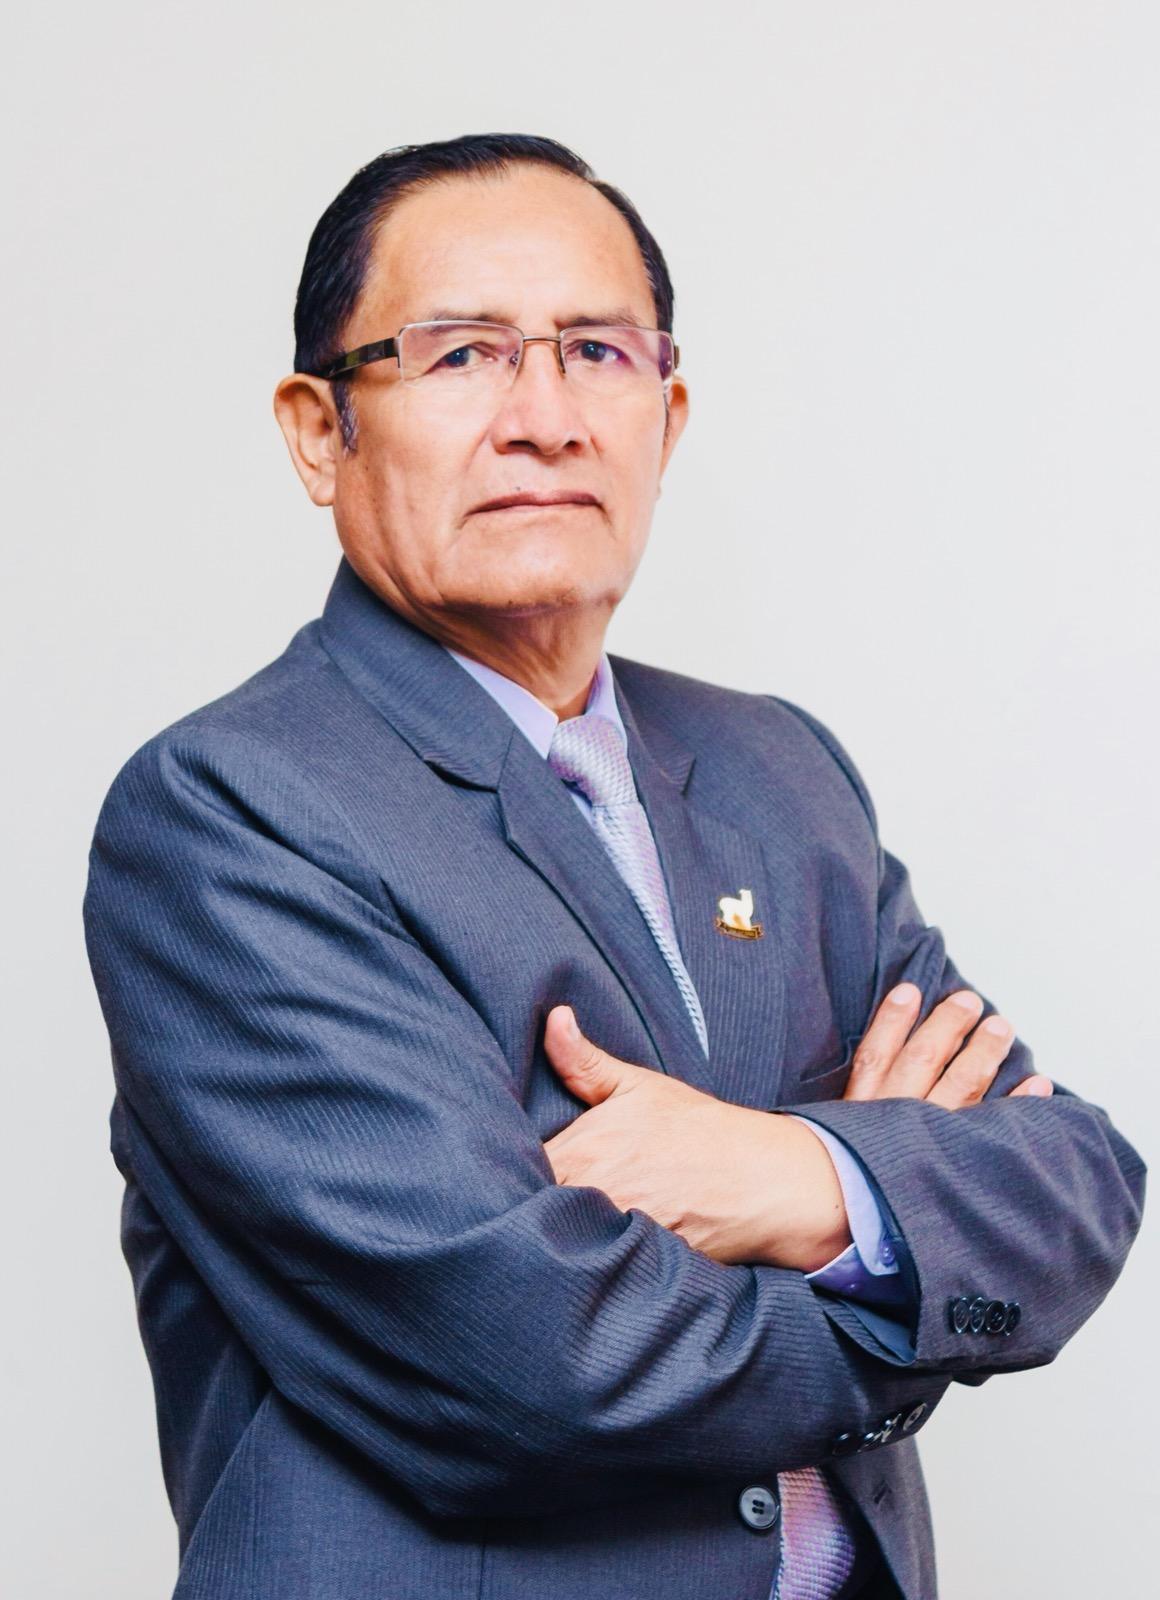 Experiencia profesional - Soy Magíster en Gestión Pública, Gestor de proyectos de inversión, Especialista consultor en el ámbito de Camélidos Sudamericanos con 40 años de trayectoria profesional.